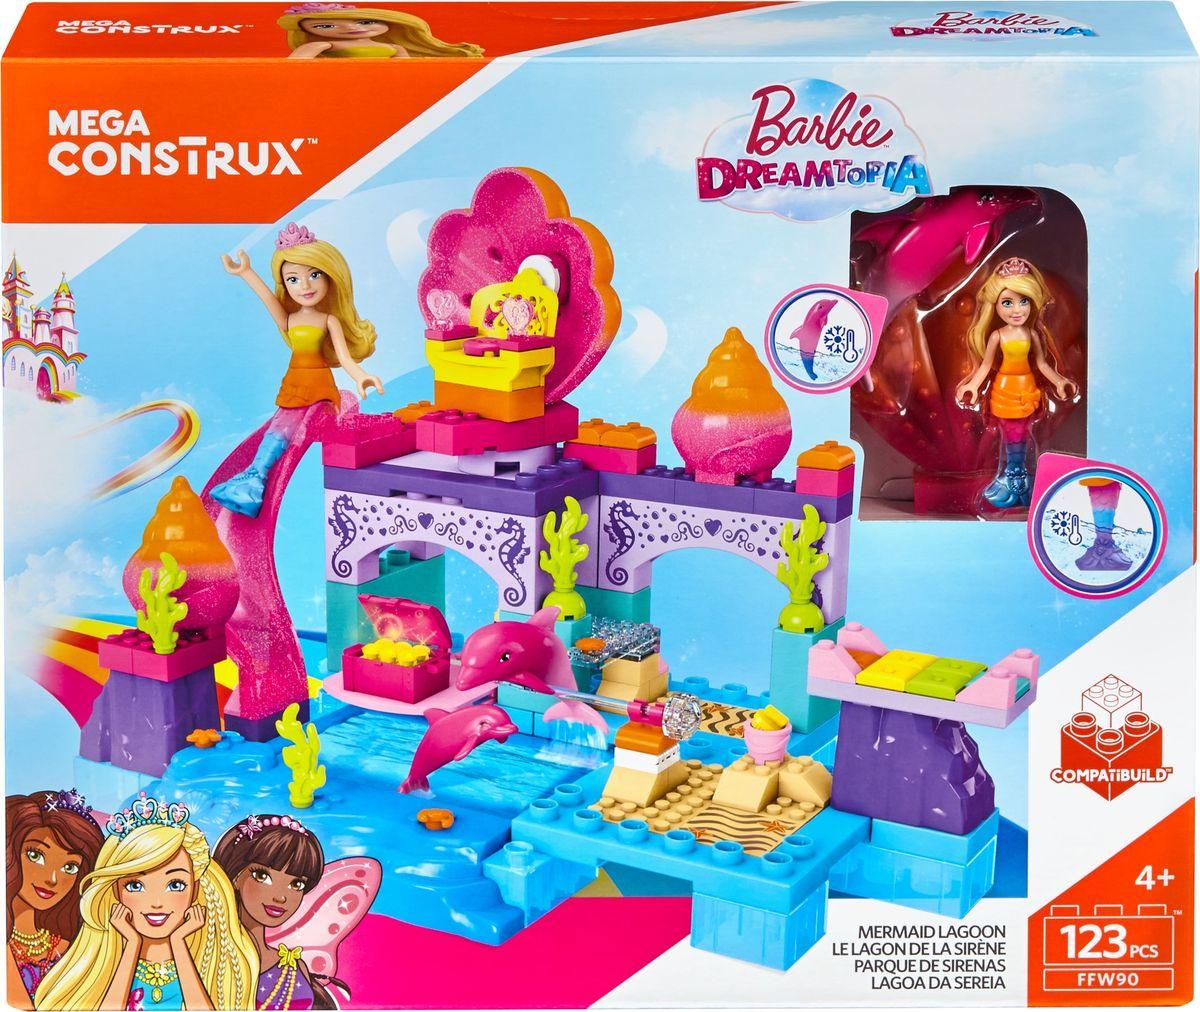 Mega Construx Barbie Конструктор Лагуна русалокFFW90Конструктор Mega Construx Barbie Лагуна русалок приведет в восторг любую маленькую поклонницу знаменитой куколки и позволит пережить увлекательные приключения вместе с любимой героиней. Погрузись в подводный мир вместе с Барби! Ракушки, подводные жители, тайные сокровища — что еще тебя ждет в удивительной лагуне русалок? Хвост русалки меняет цвет, если смочить его прохладной водой. Морские приключения начинаются вместе с Барби! Конструктор - это превосходный подарок для ребенка. Конструирование развивает мелкую моторику, мышление, внимание, воображение, память, пространственное мышление.